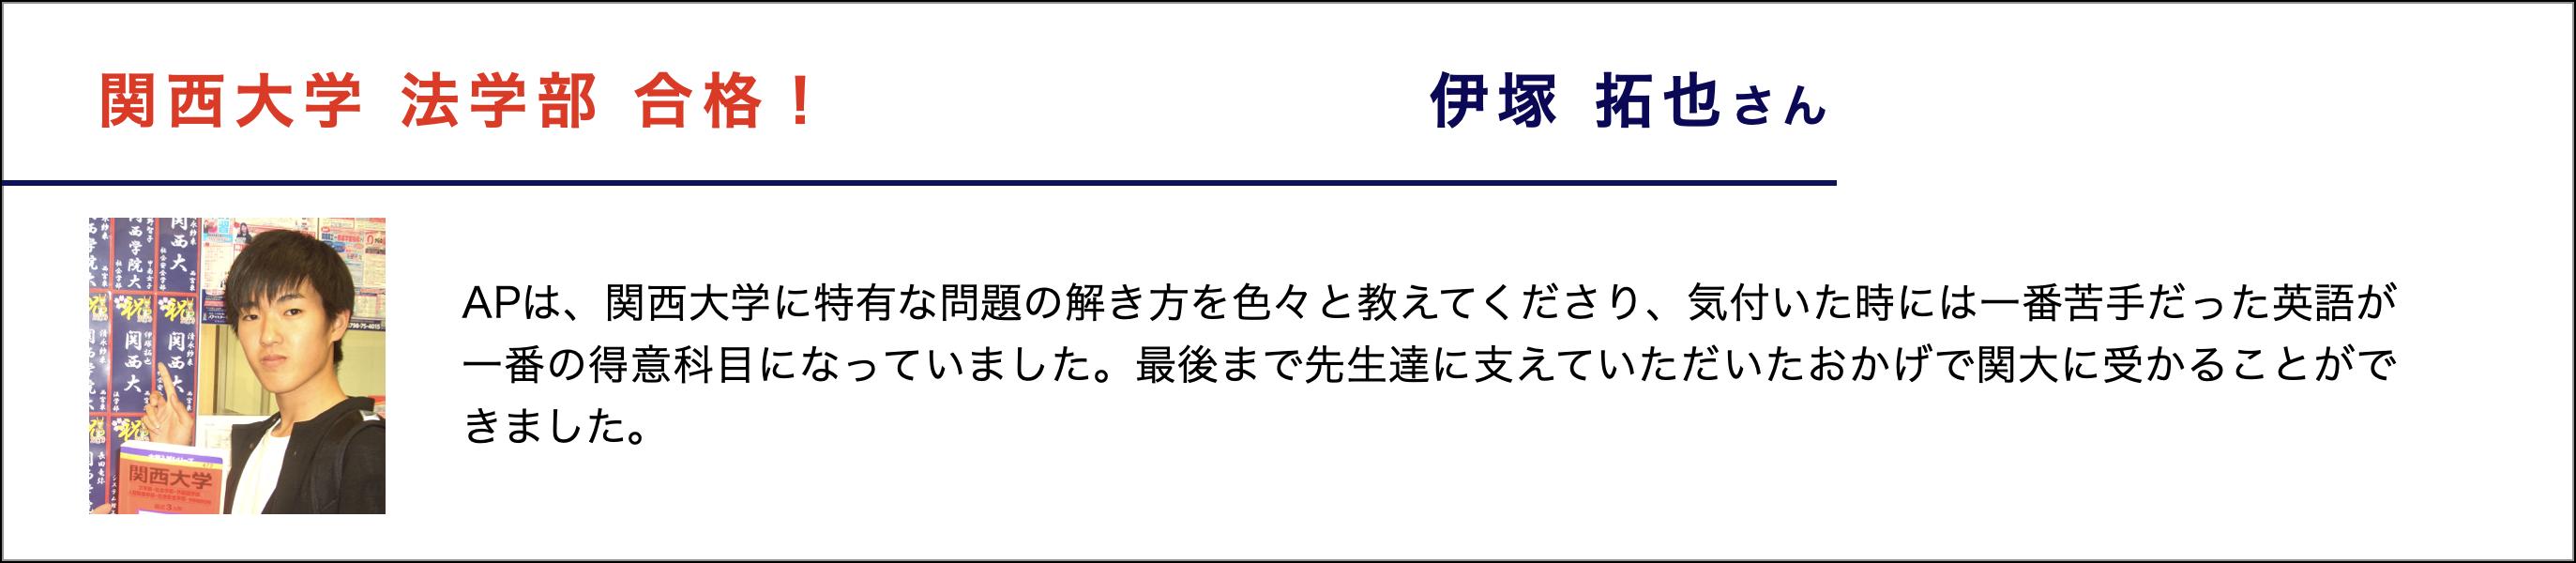 伊塚 拓也さん